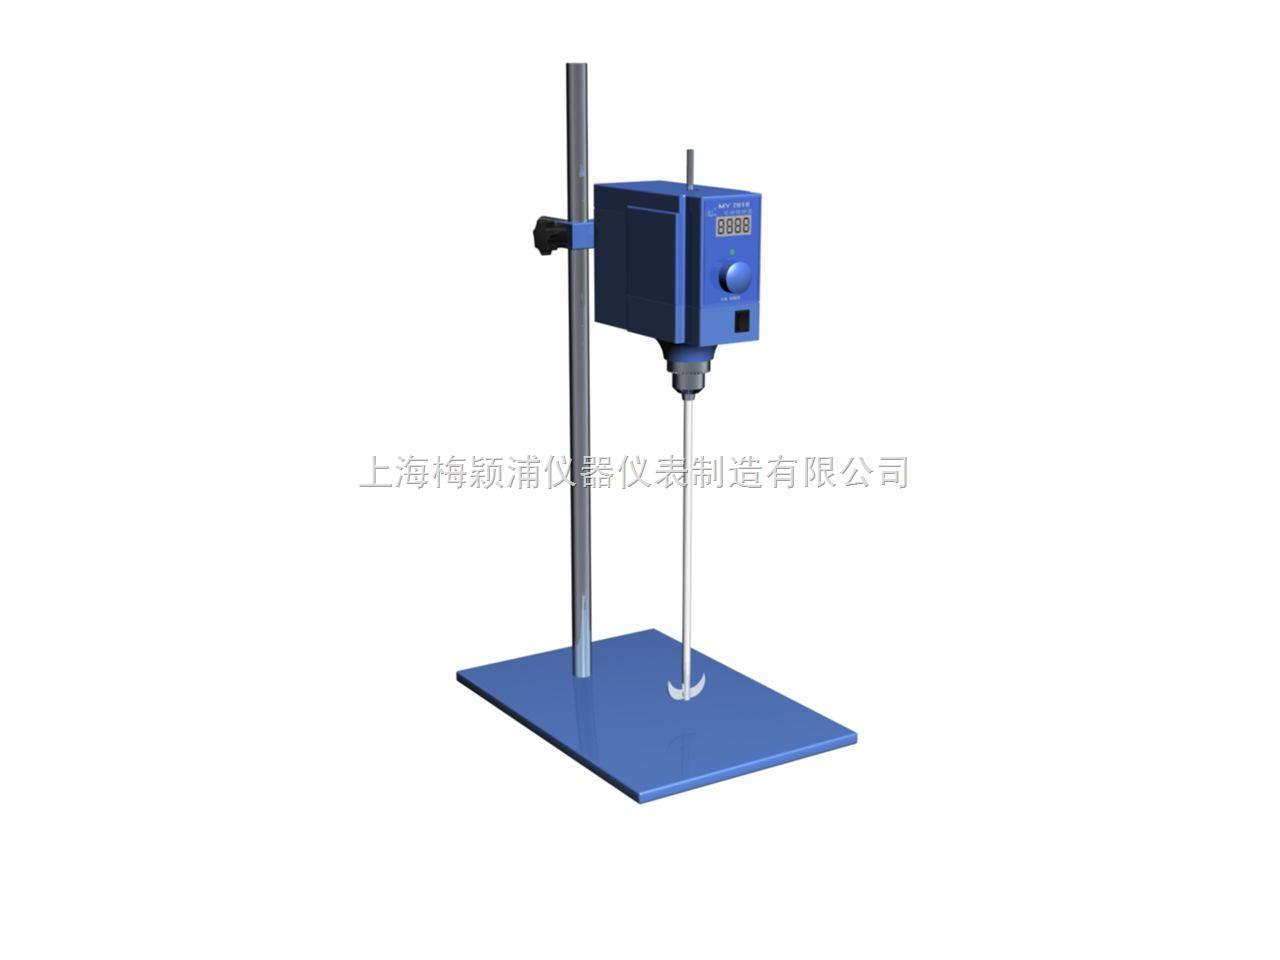 梅颖浦 电动搅拌器MY2011-150 驰久品牌